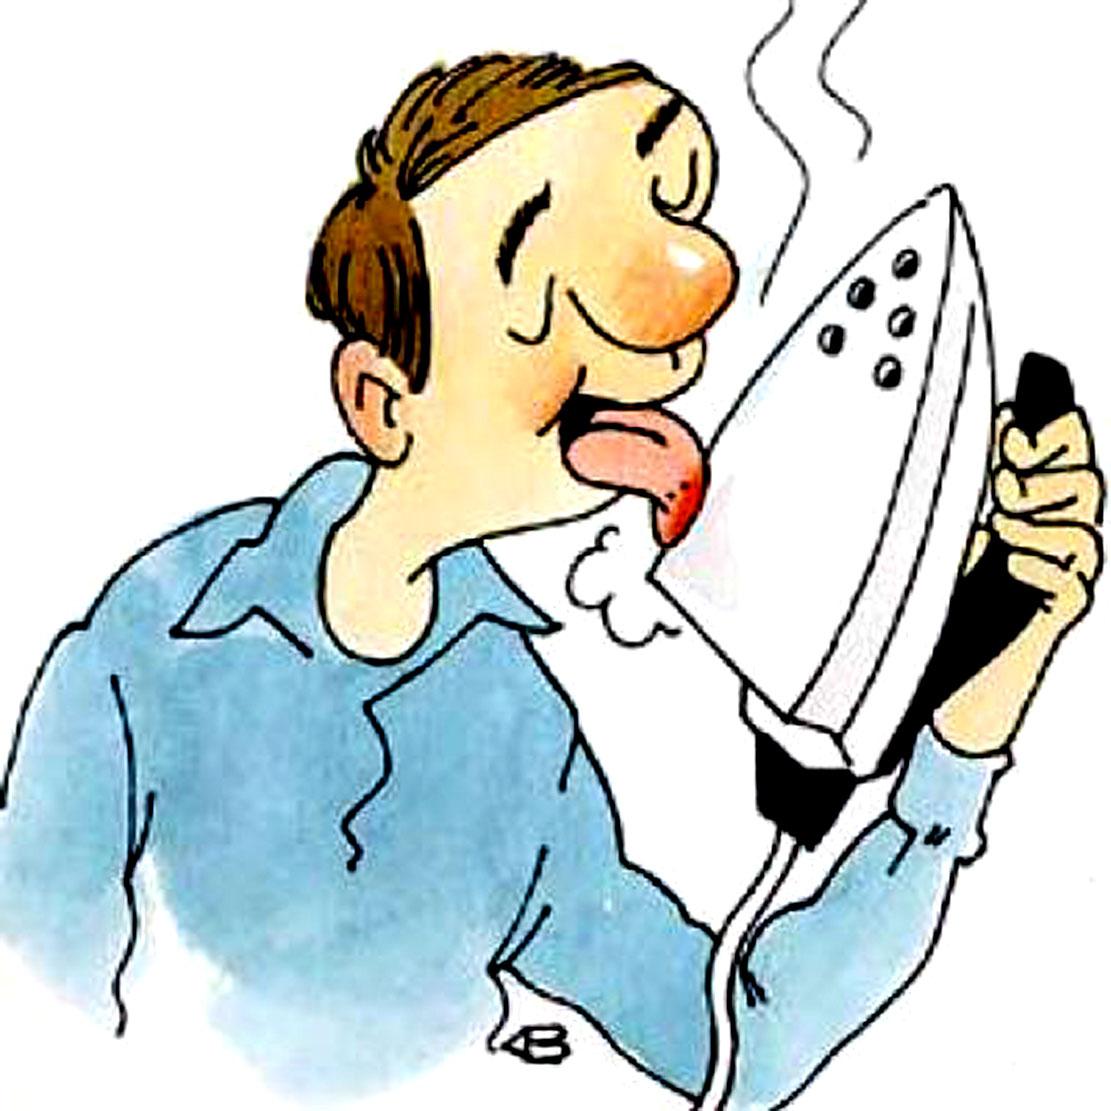 Ожоговые травмы языка чаще всего получают в быту